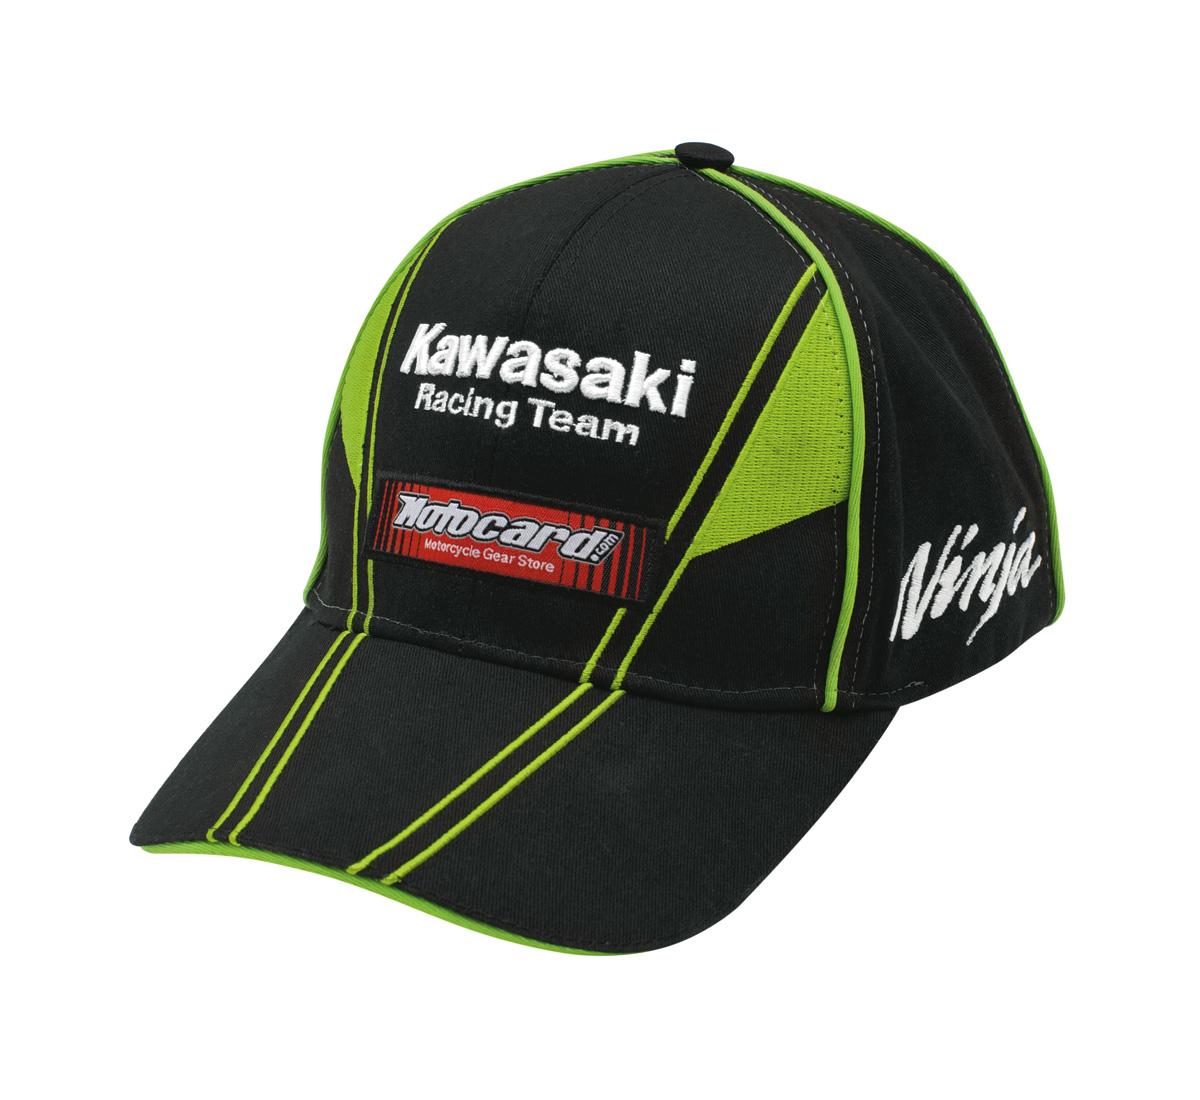 Kawasaki Race Cap